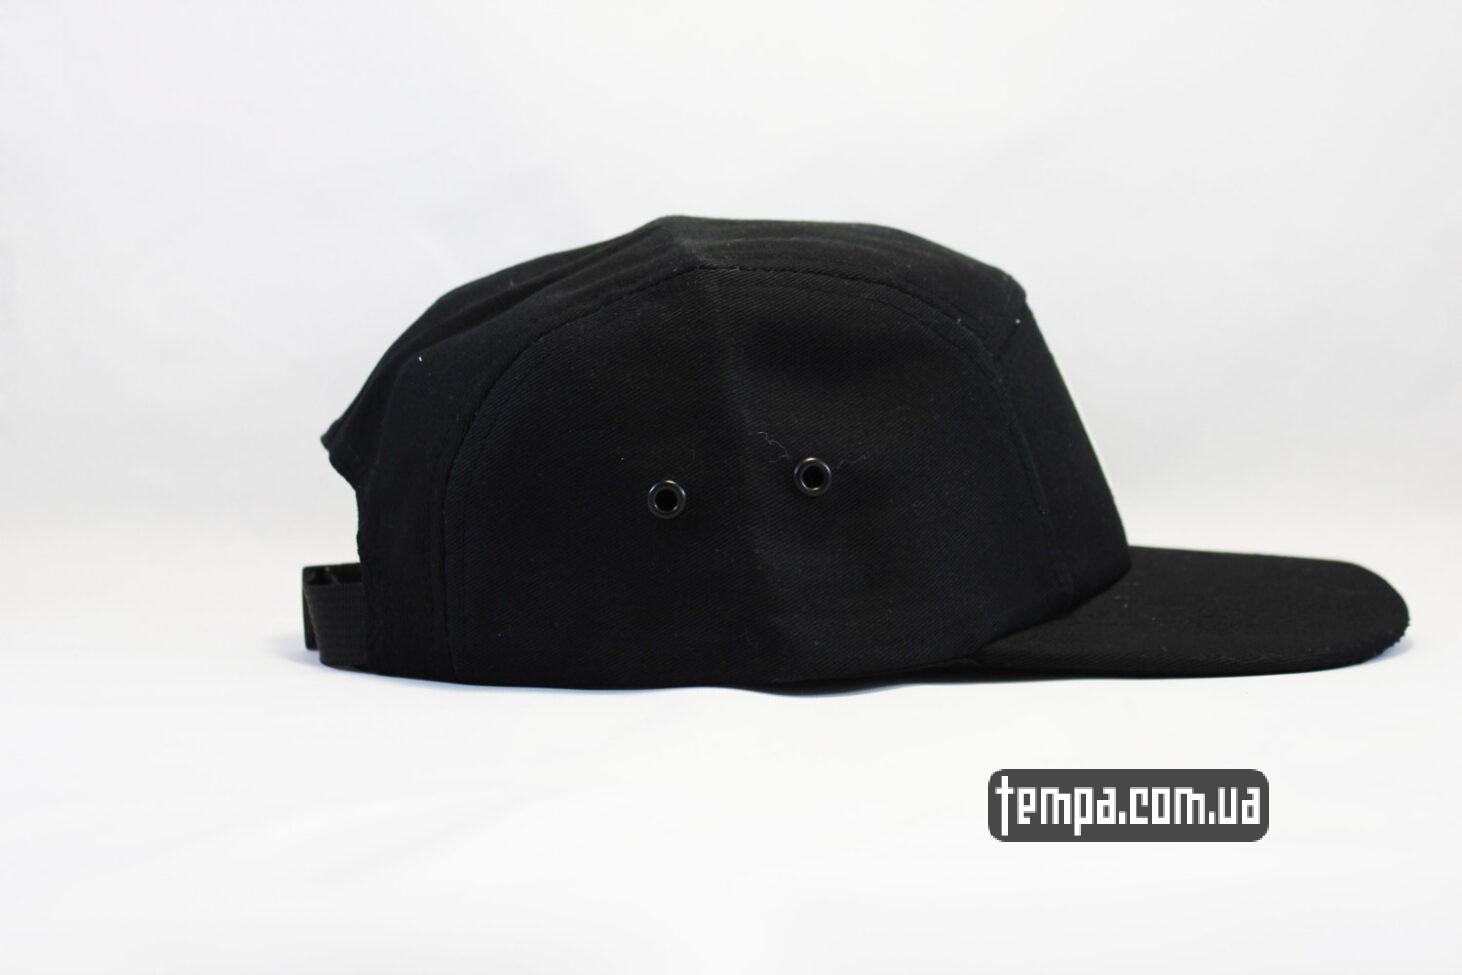 пятипанельки бейсболки пятипанельная кепка carhartt 5 panel cap черная